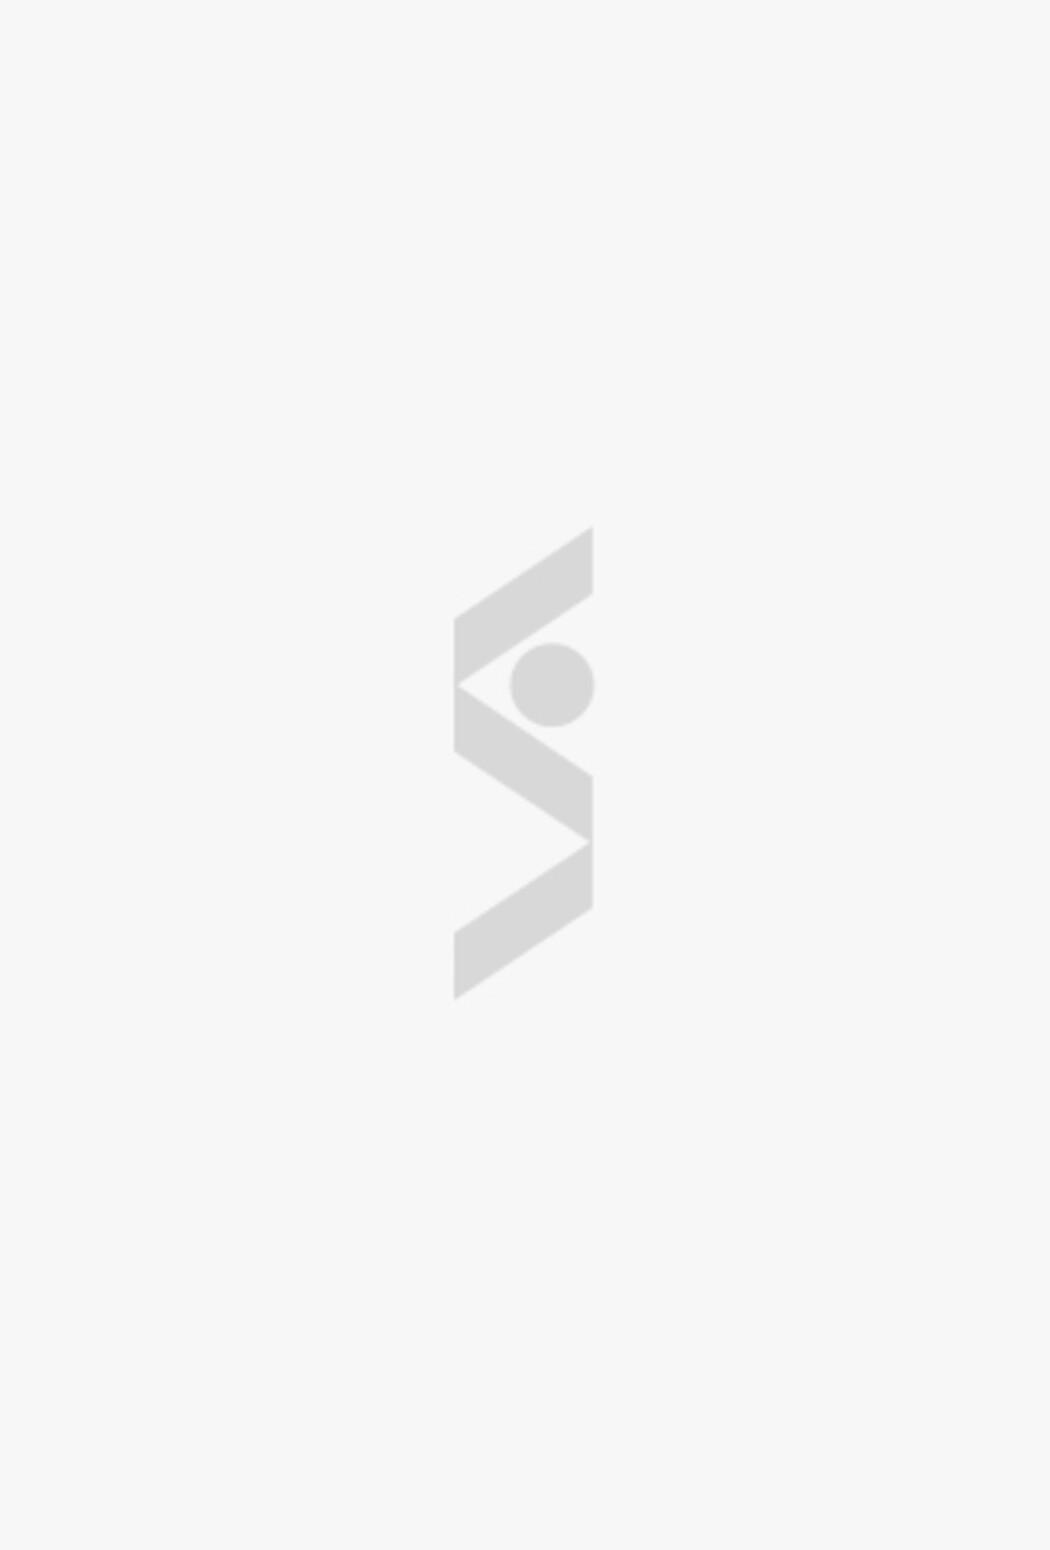 Косметика ательер в краснодаре где купить что можно купить в марокко из косметики